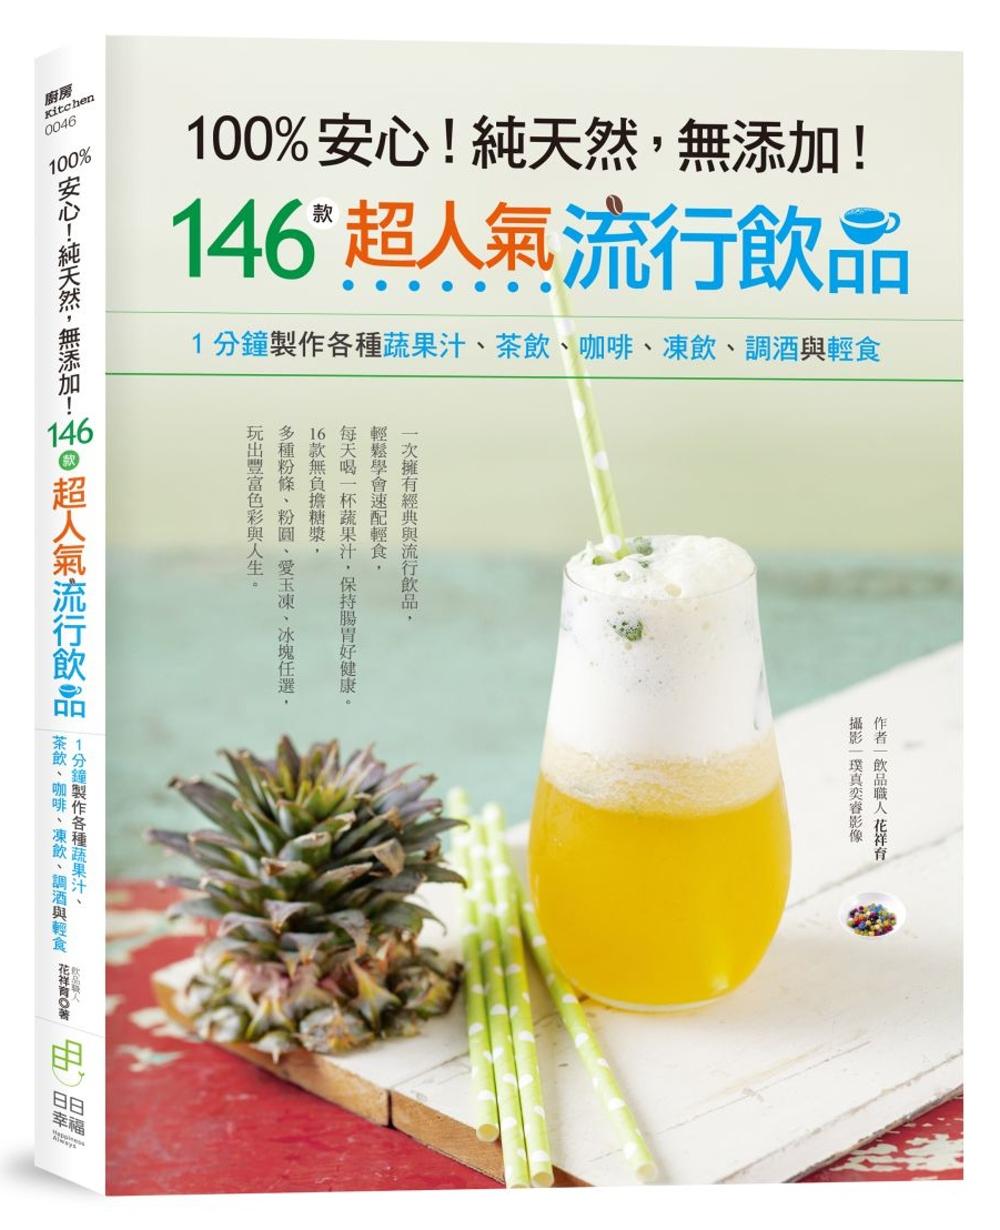 100%安心!純天然,無添加!146款超人氣流行飲品:1分鐘製作各種蔬果汁、茶飲、咖啡、凍飲、調酒與輕食